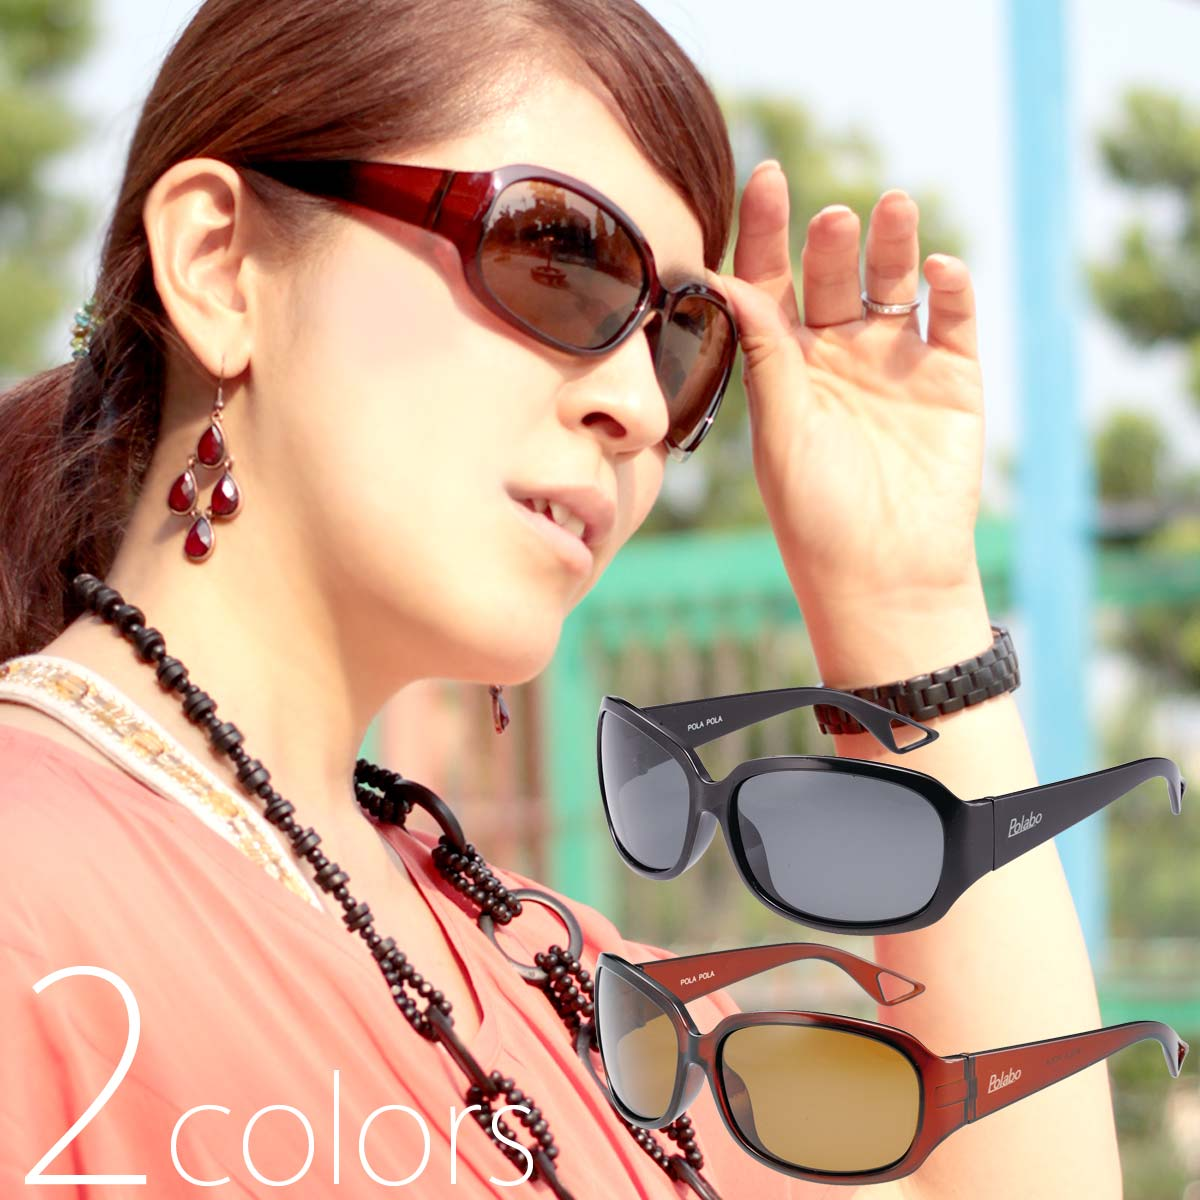 偏光サングラス UVカット PY-10 レディース 女性用 大型レンズ ドライブ 釣り 偏光 グラス POLA POLA LADY [ポラポラレディ]